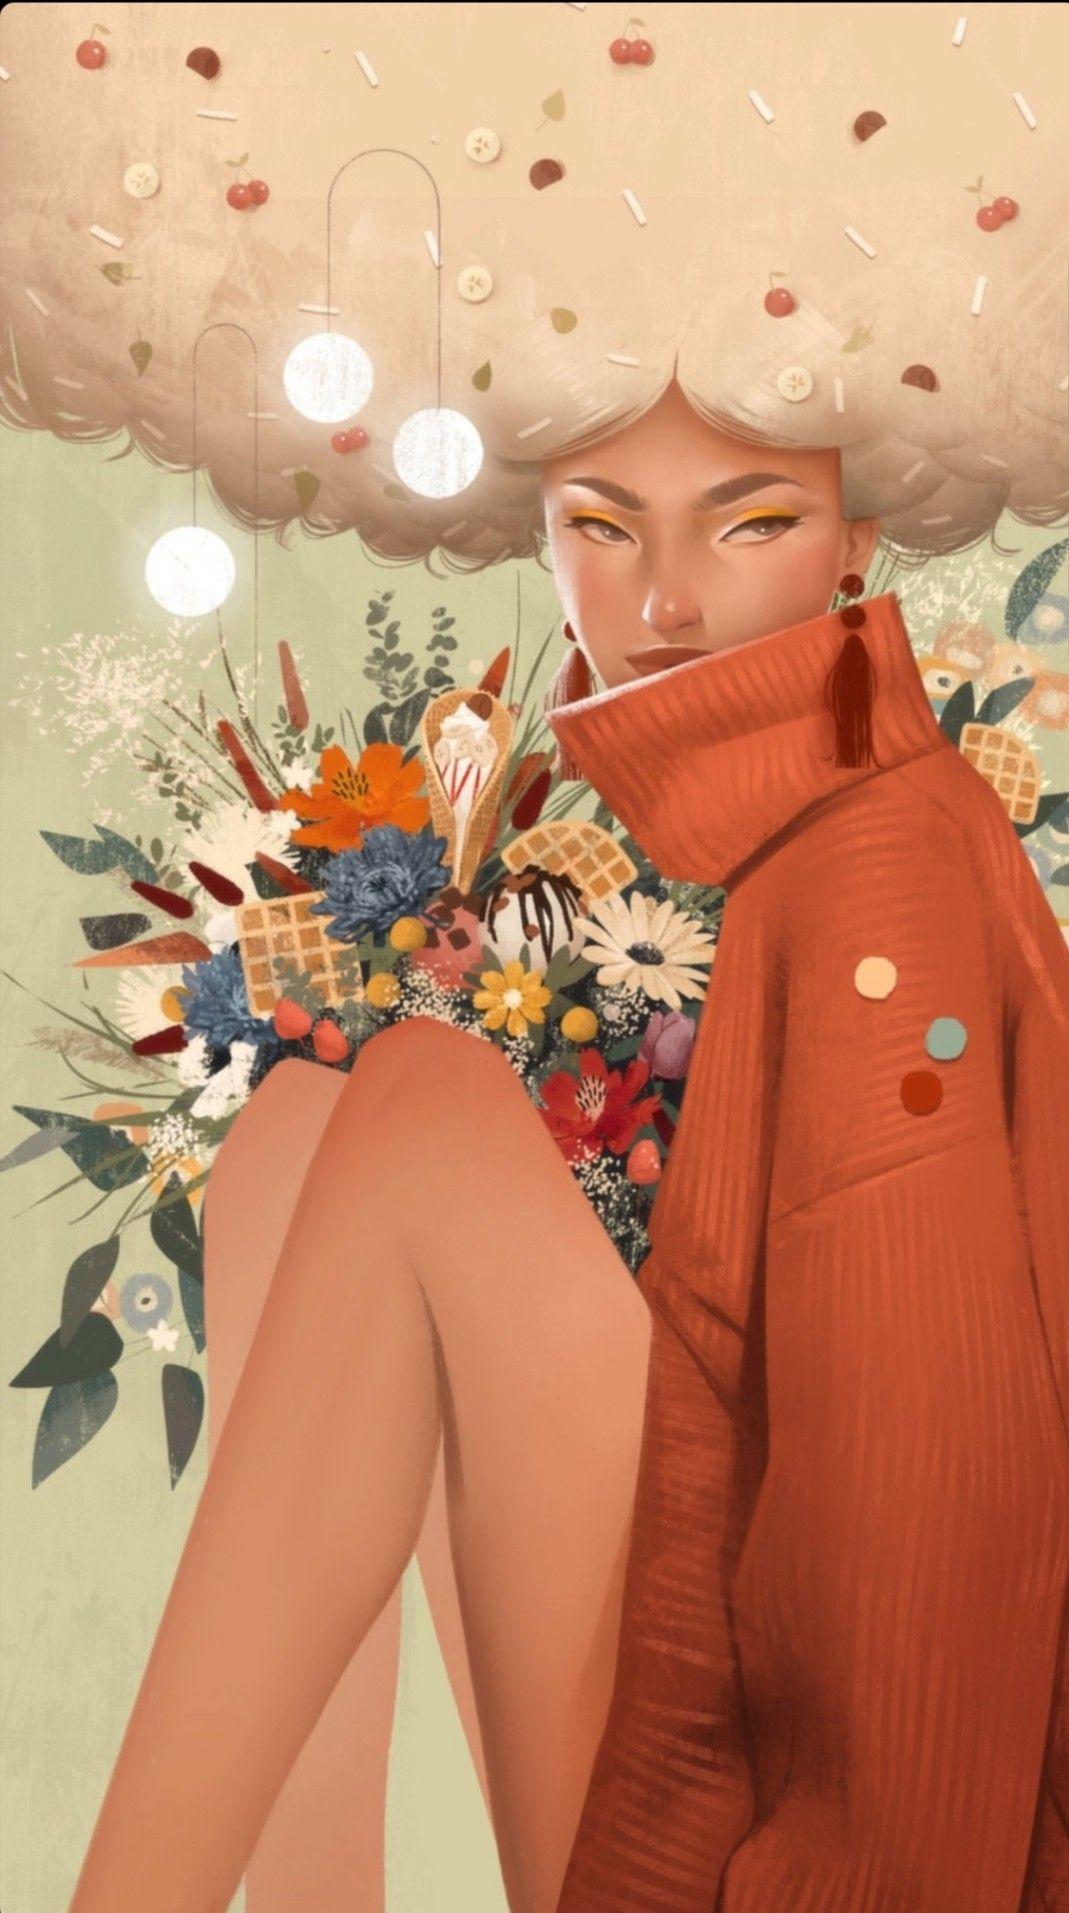 Digital and 3D Art by Eduard Moonix Fall menu